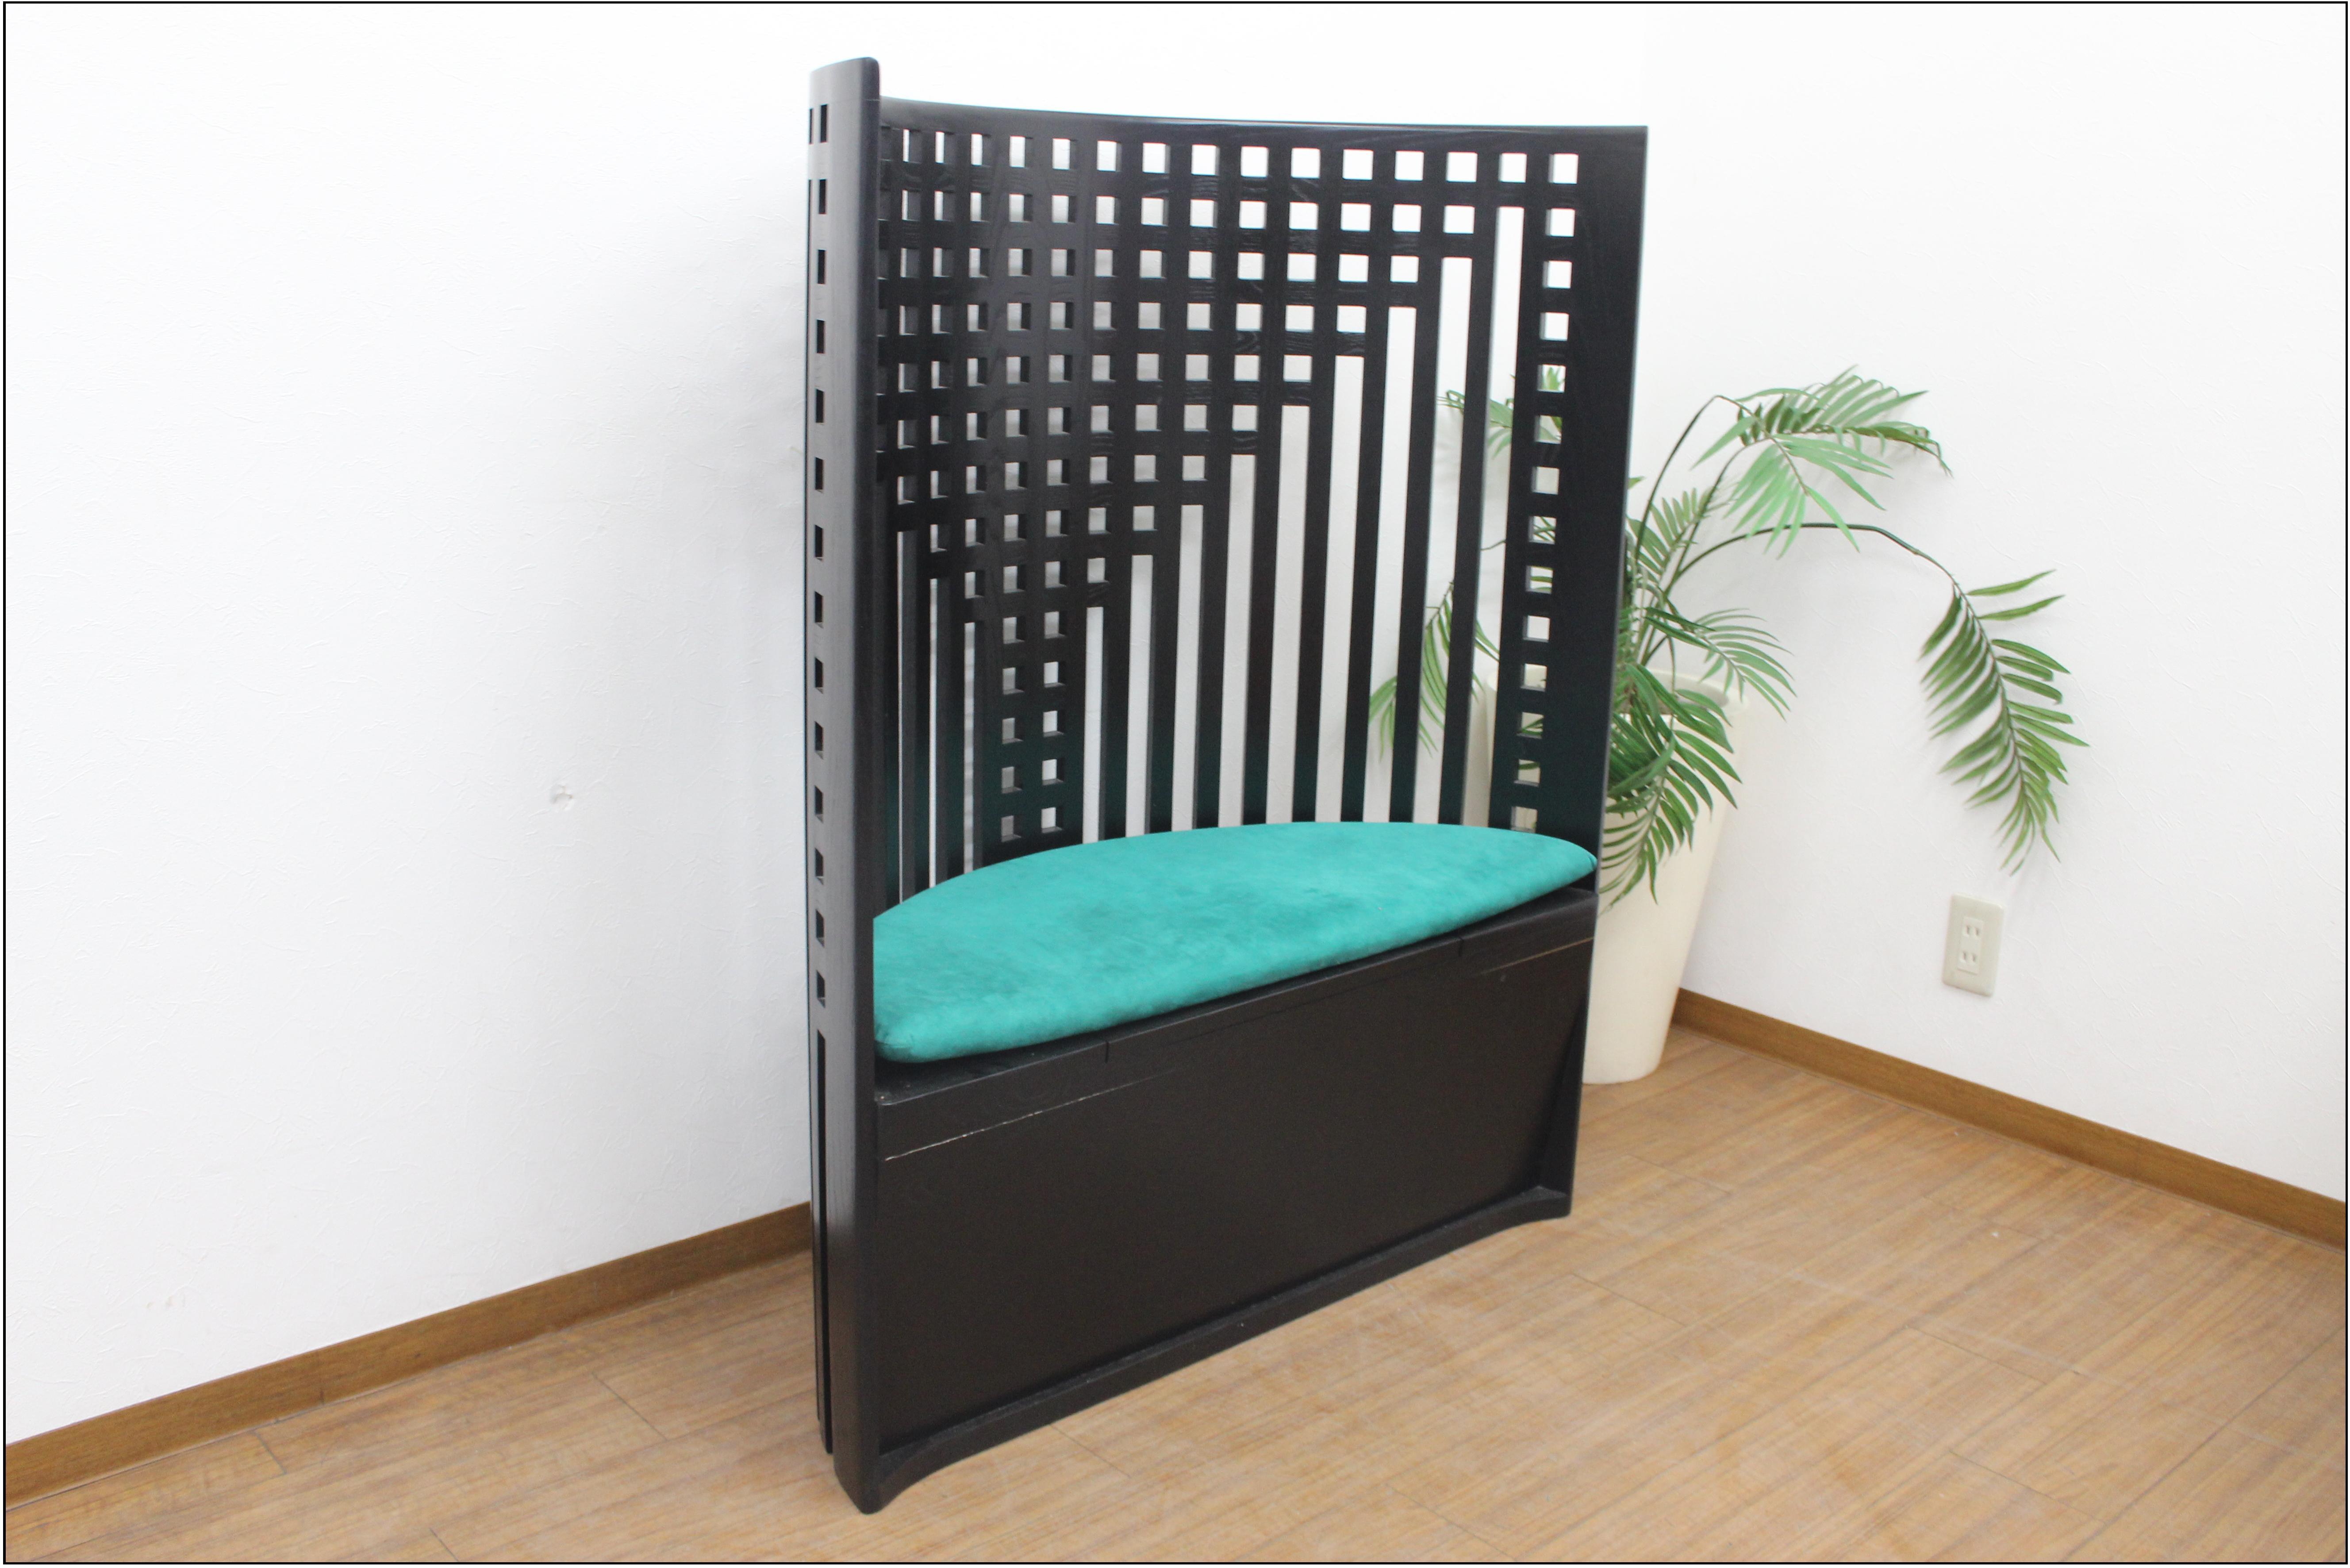 (鳥栖市)美品 IDC大塚家具 マッキントッシュ ウィロー チェア イス 椅子の買取-40000